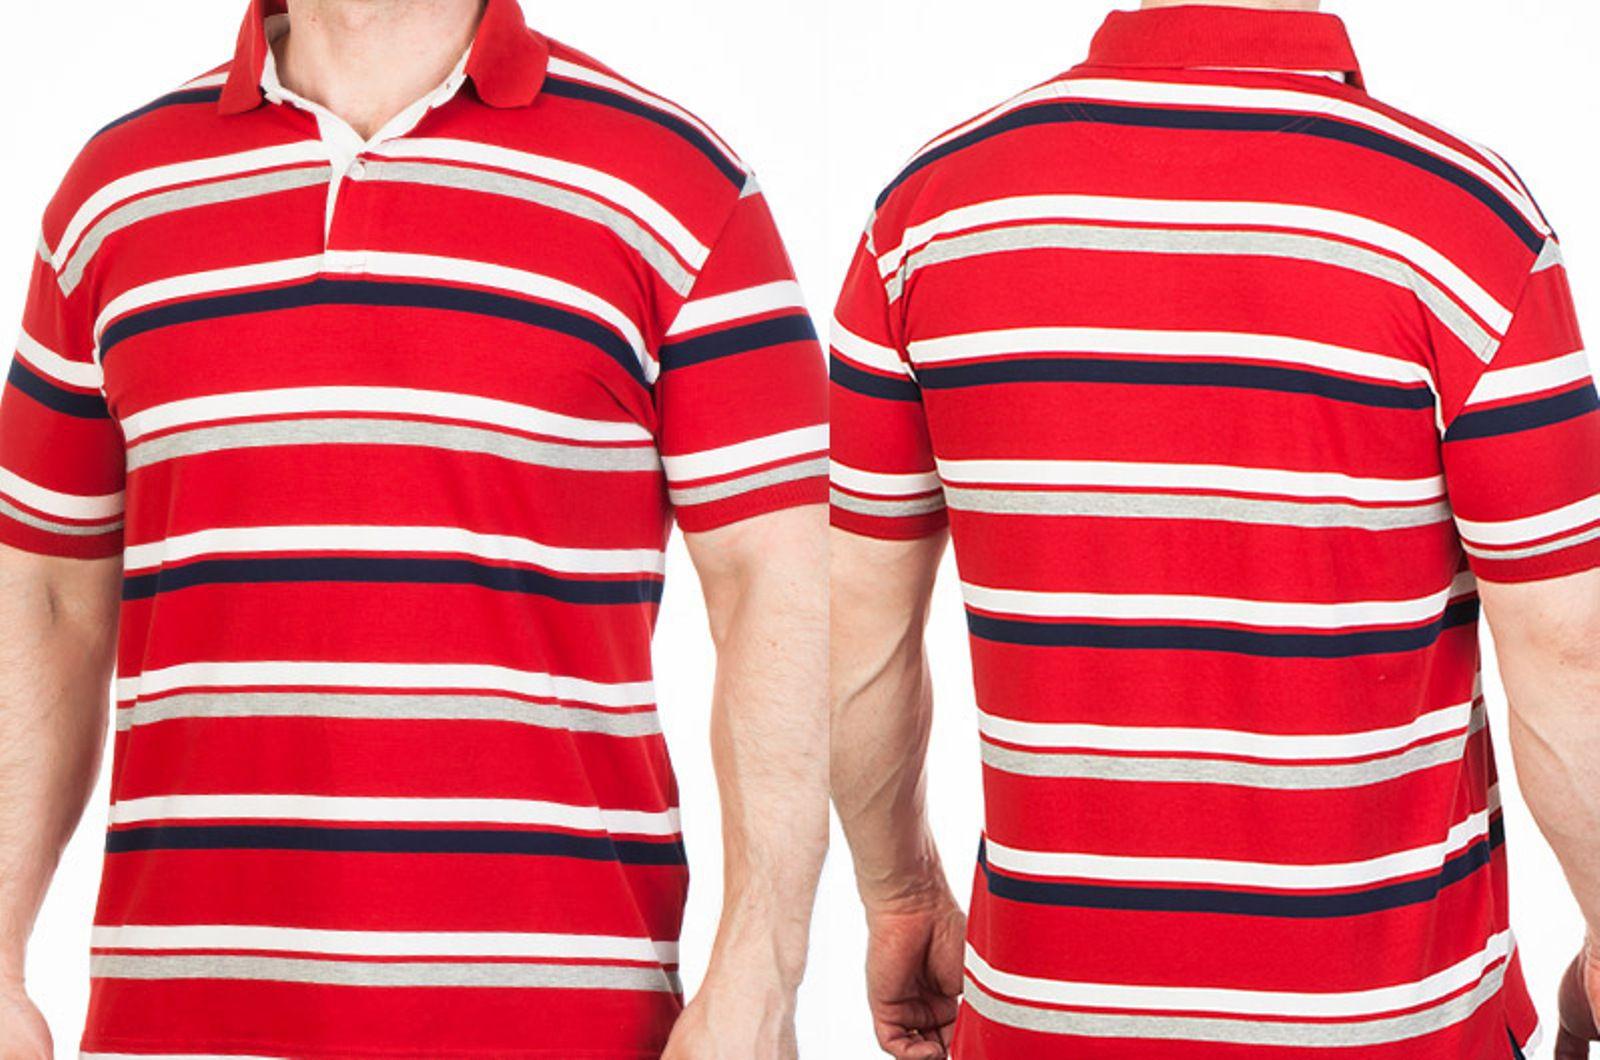 Заказать футболки Поло для спорта